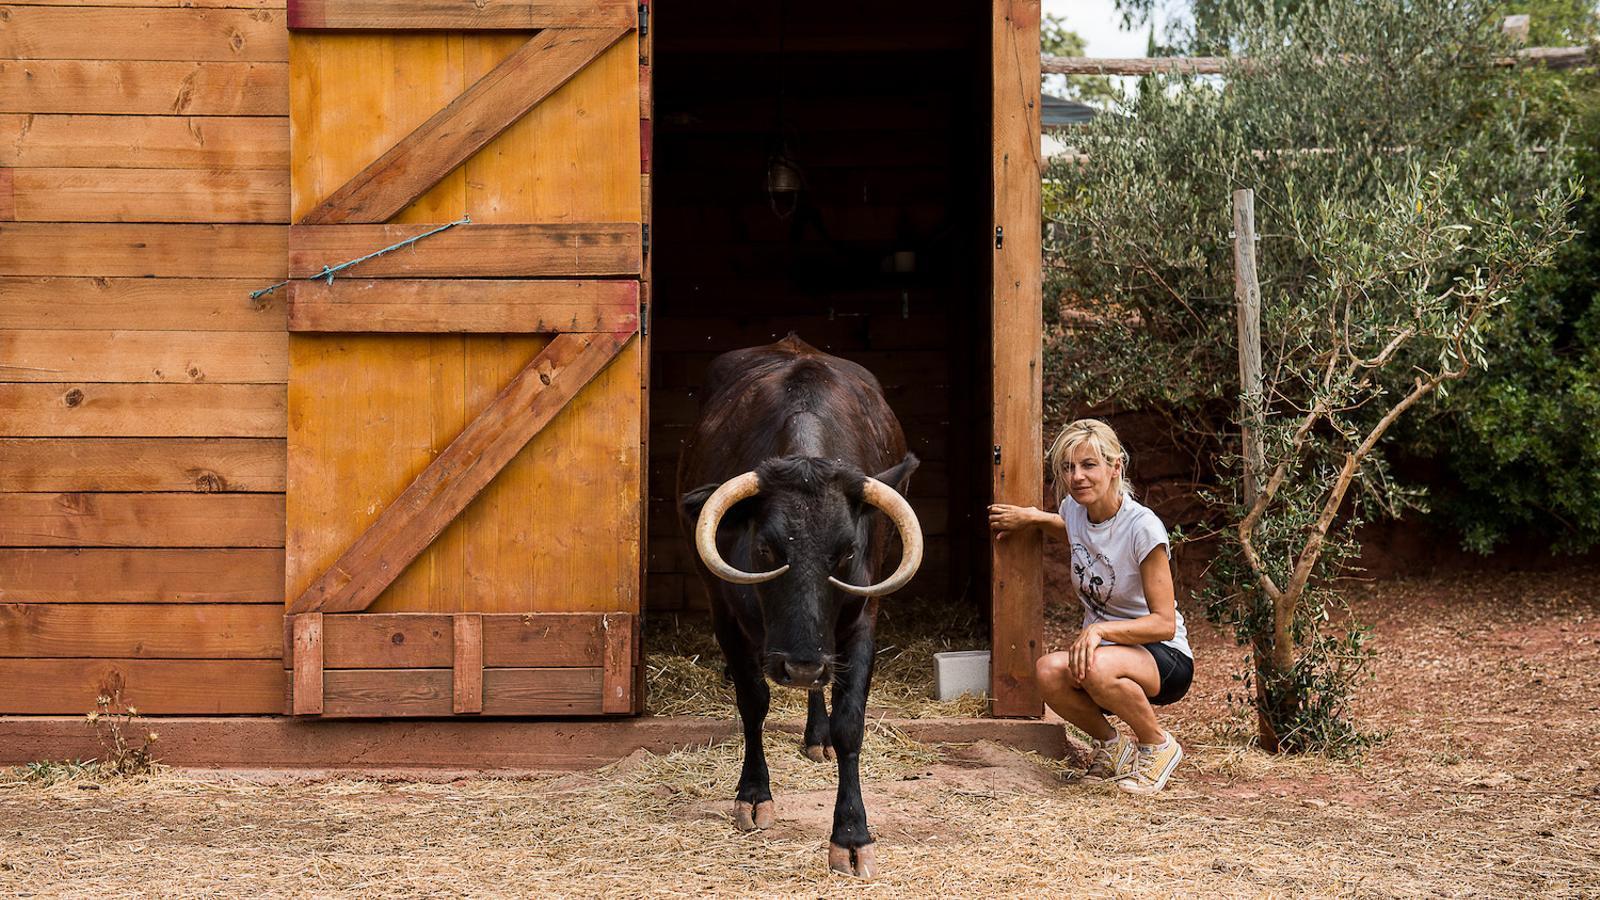 L'Elena i la Maragarita. La Margarita es va fer famosa fa uns mesos gracies al moviment d'uns activistes que s'oposaven al sacrifici de l'animal. De  moment han aconseguit parar-ho, però encara estan pendents de més anàlisis